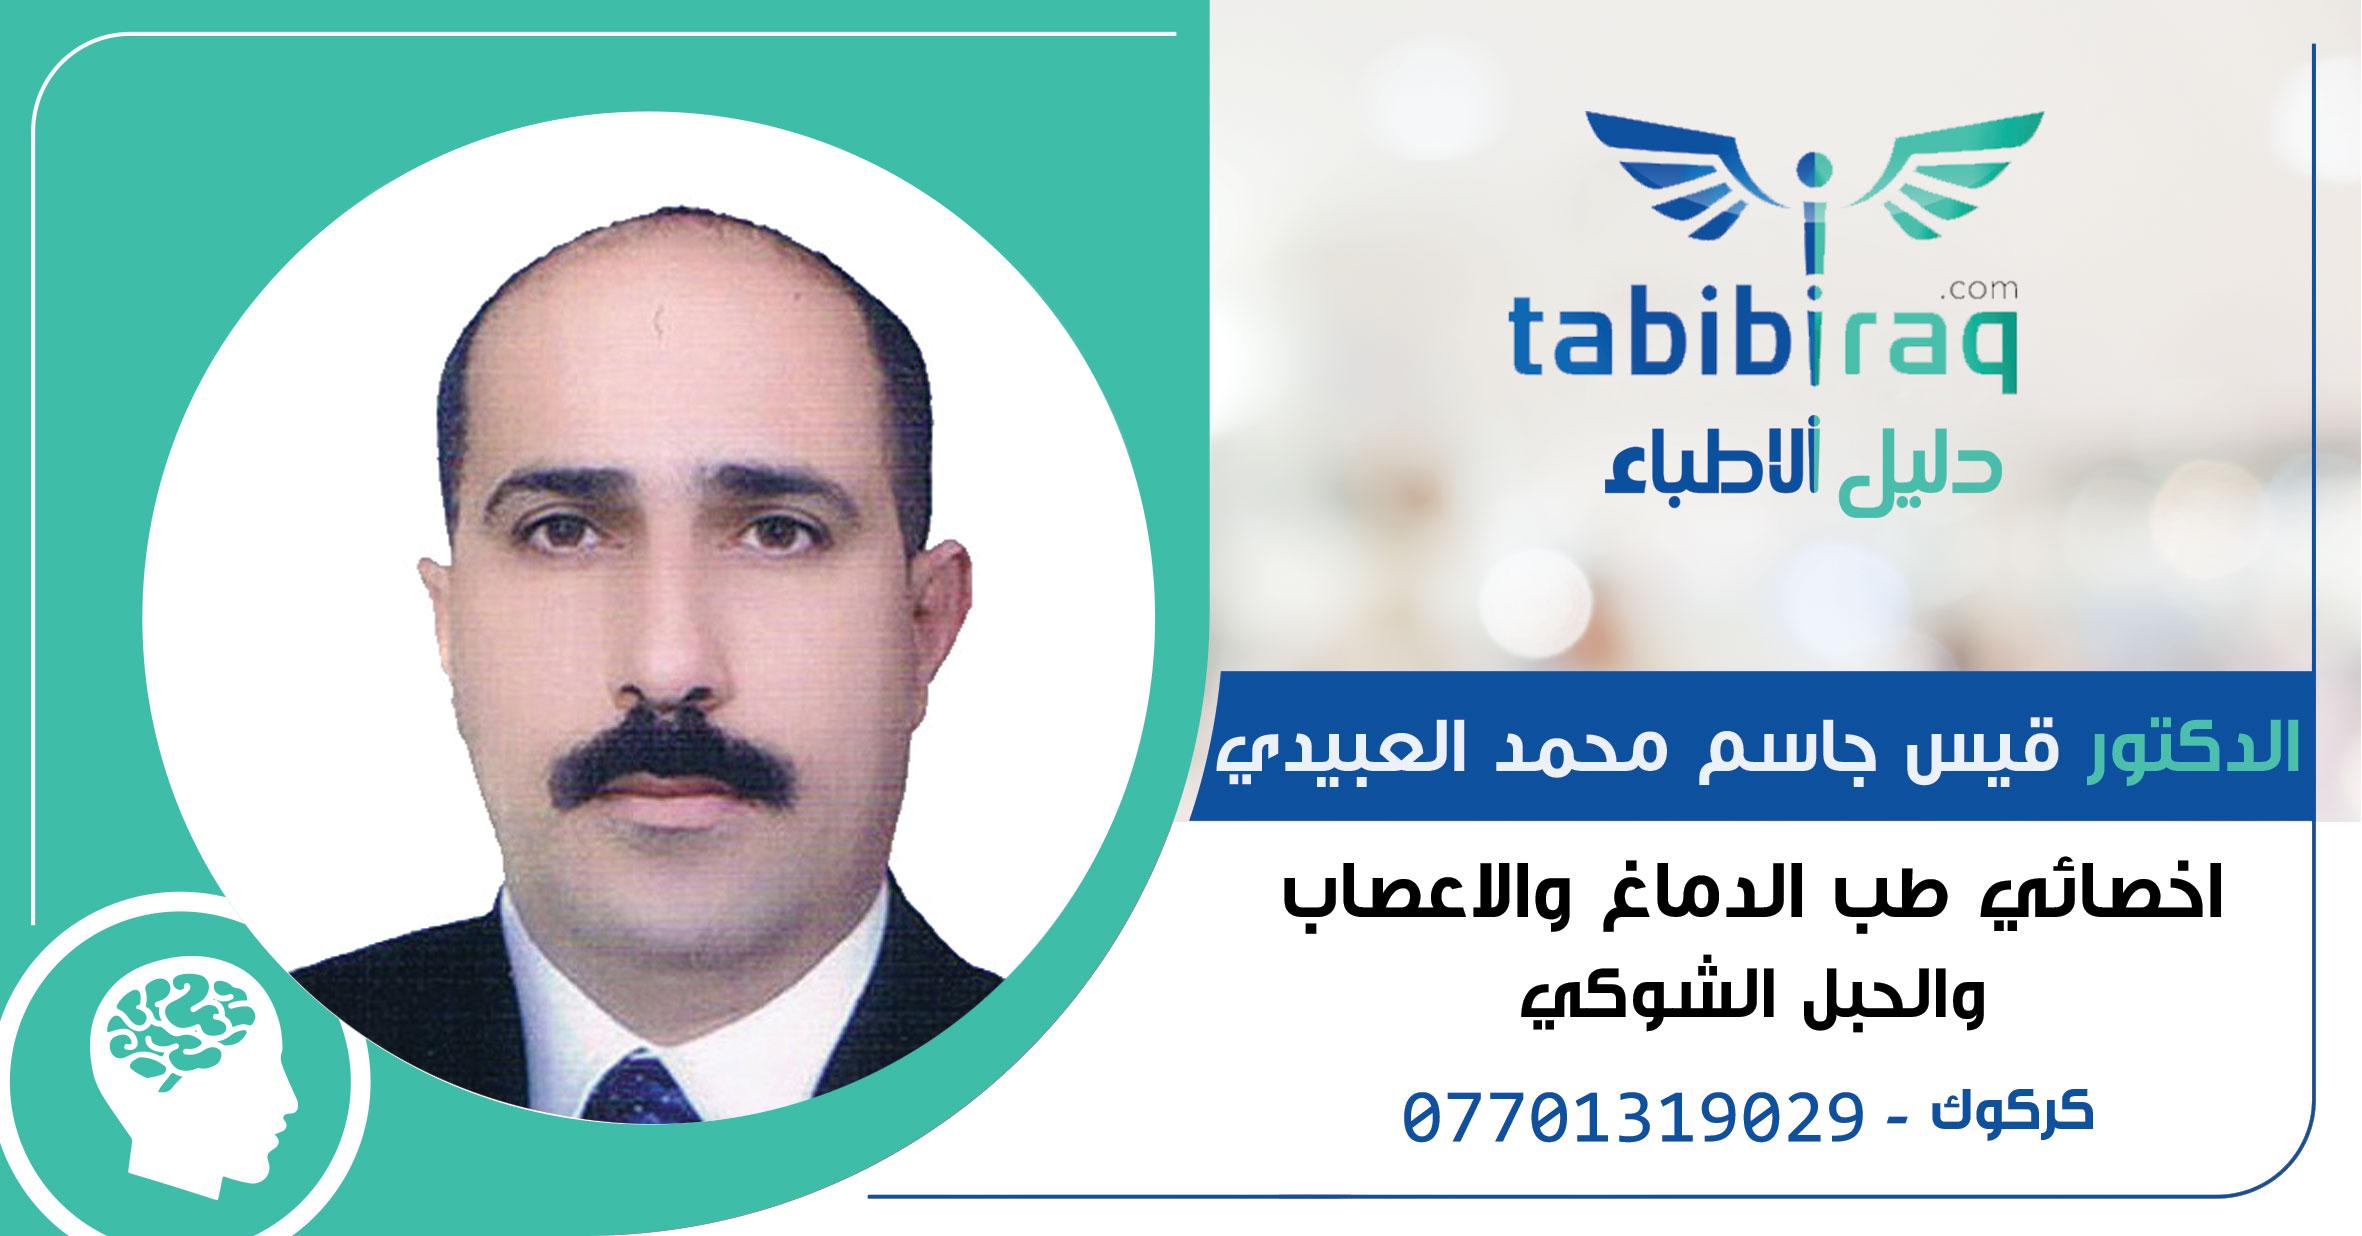 الدكتور قيس جاسم محمد العبيدي